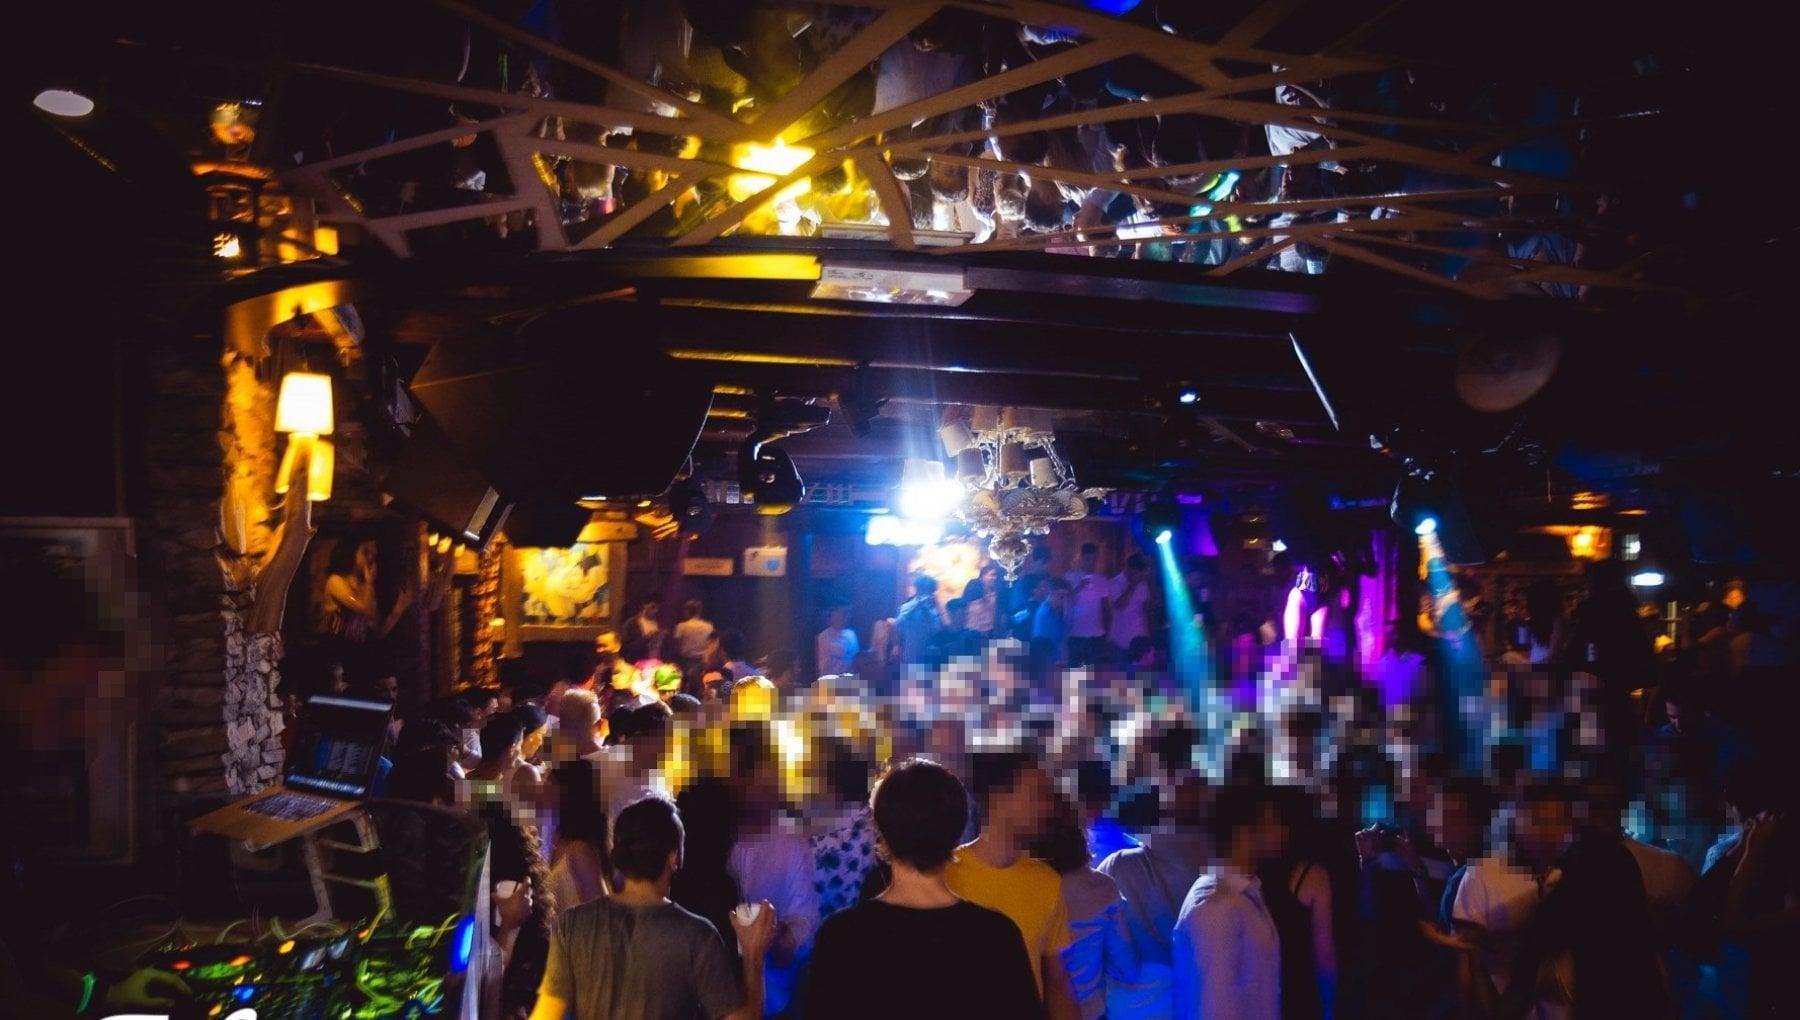 Sestriere festa diurna in discoteca nonostante i divieti piu di cento in pista arrivano i carabinieri. Chiusura e